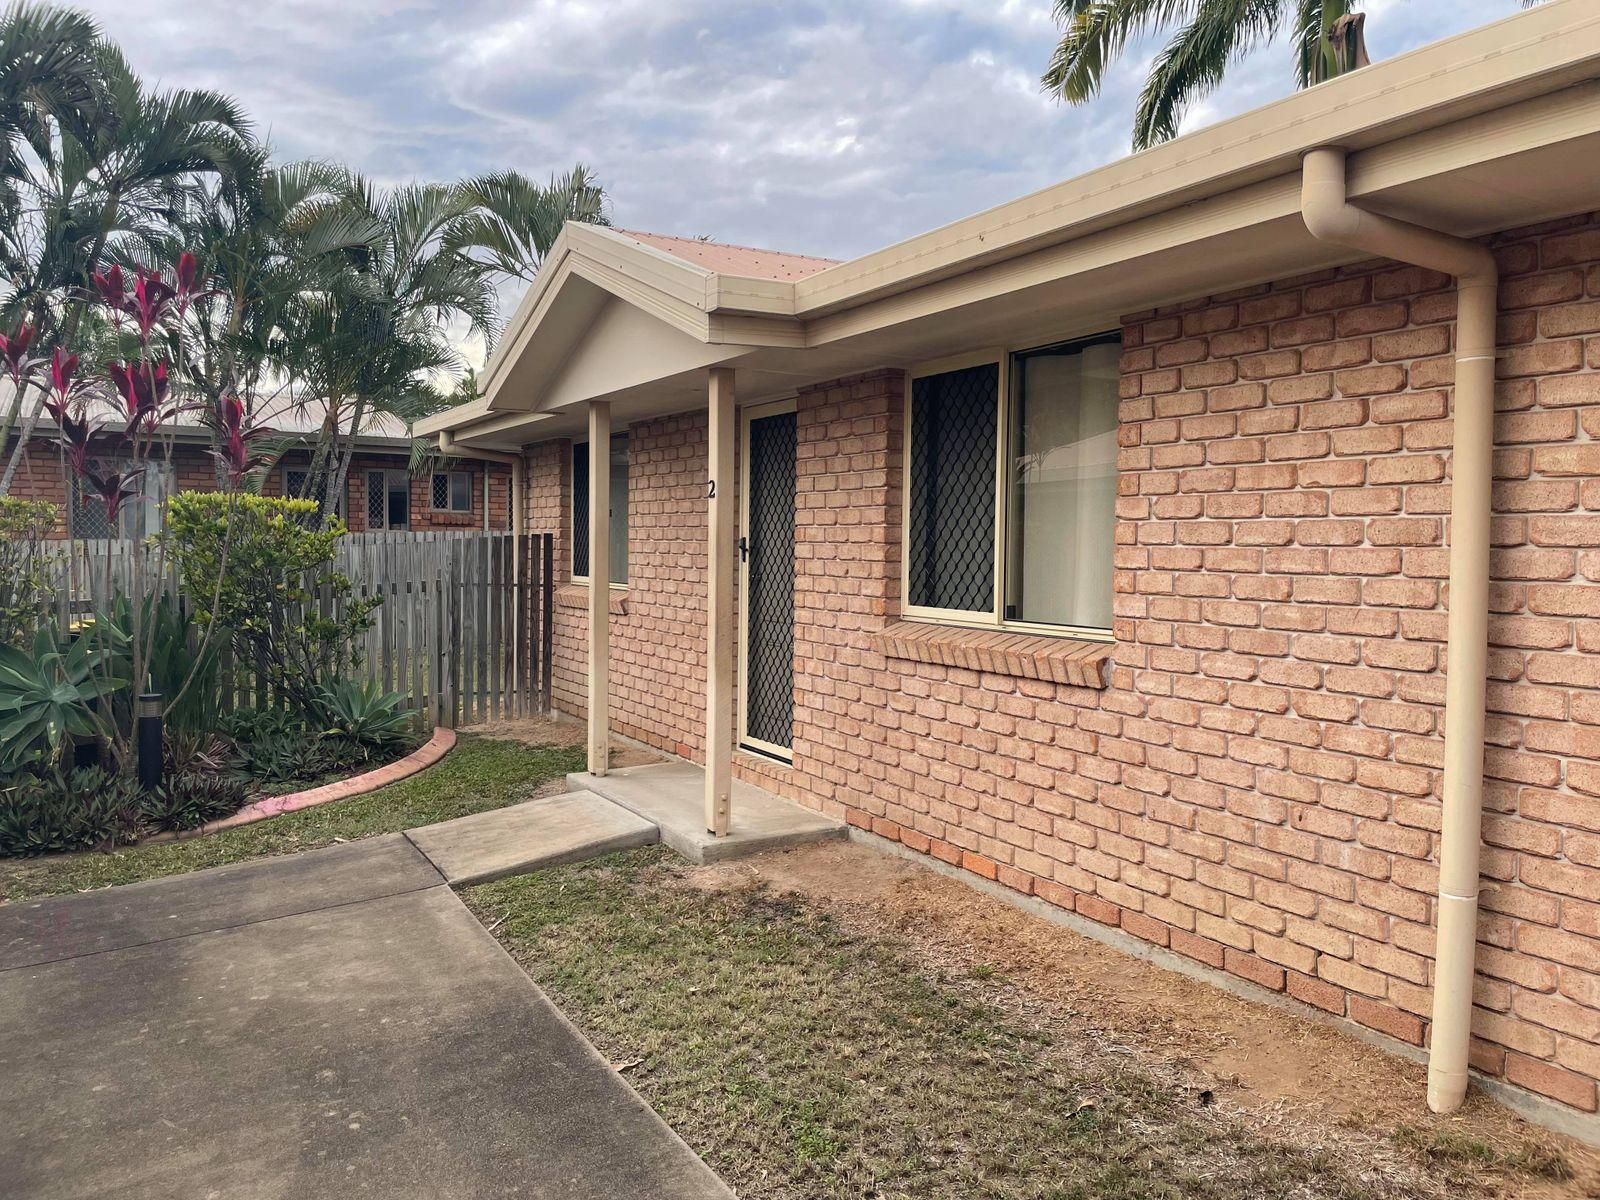 2/259 Carlton Street, Kawana, QLD 4701